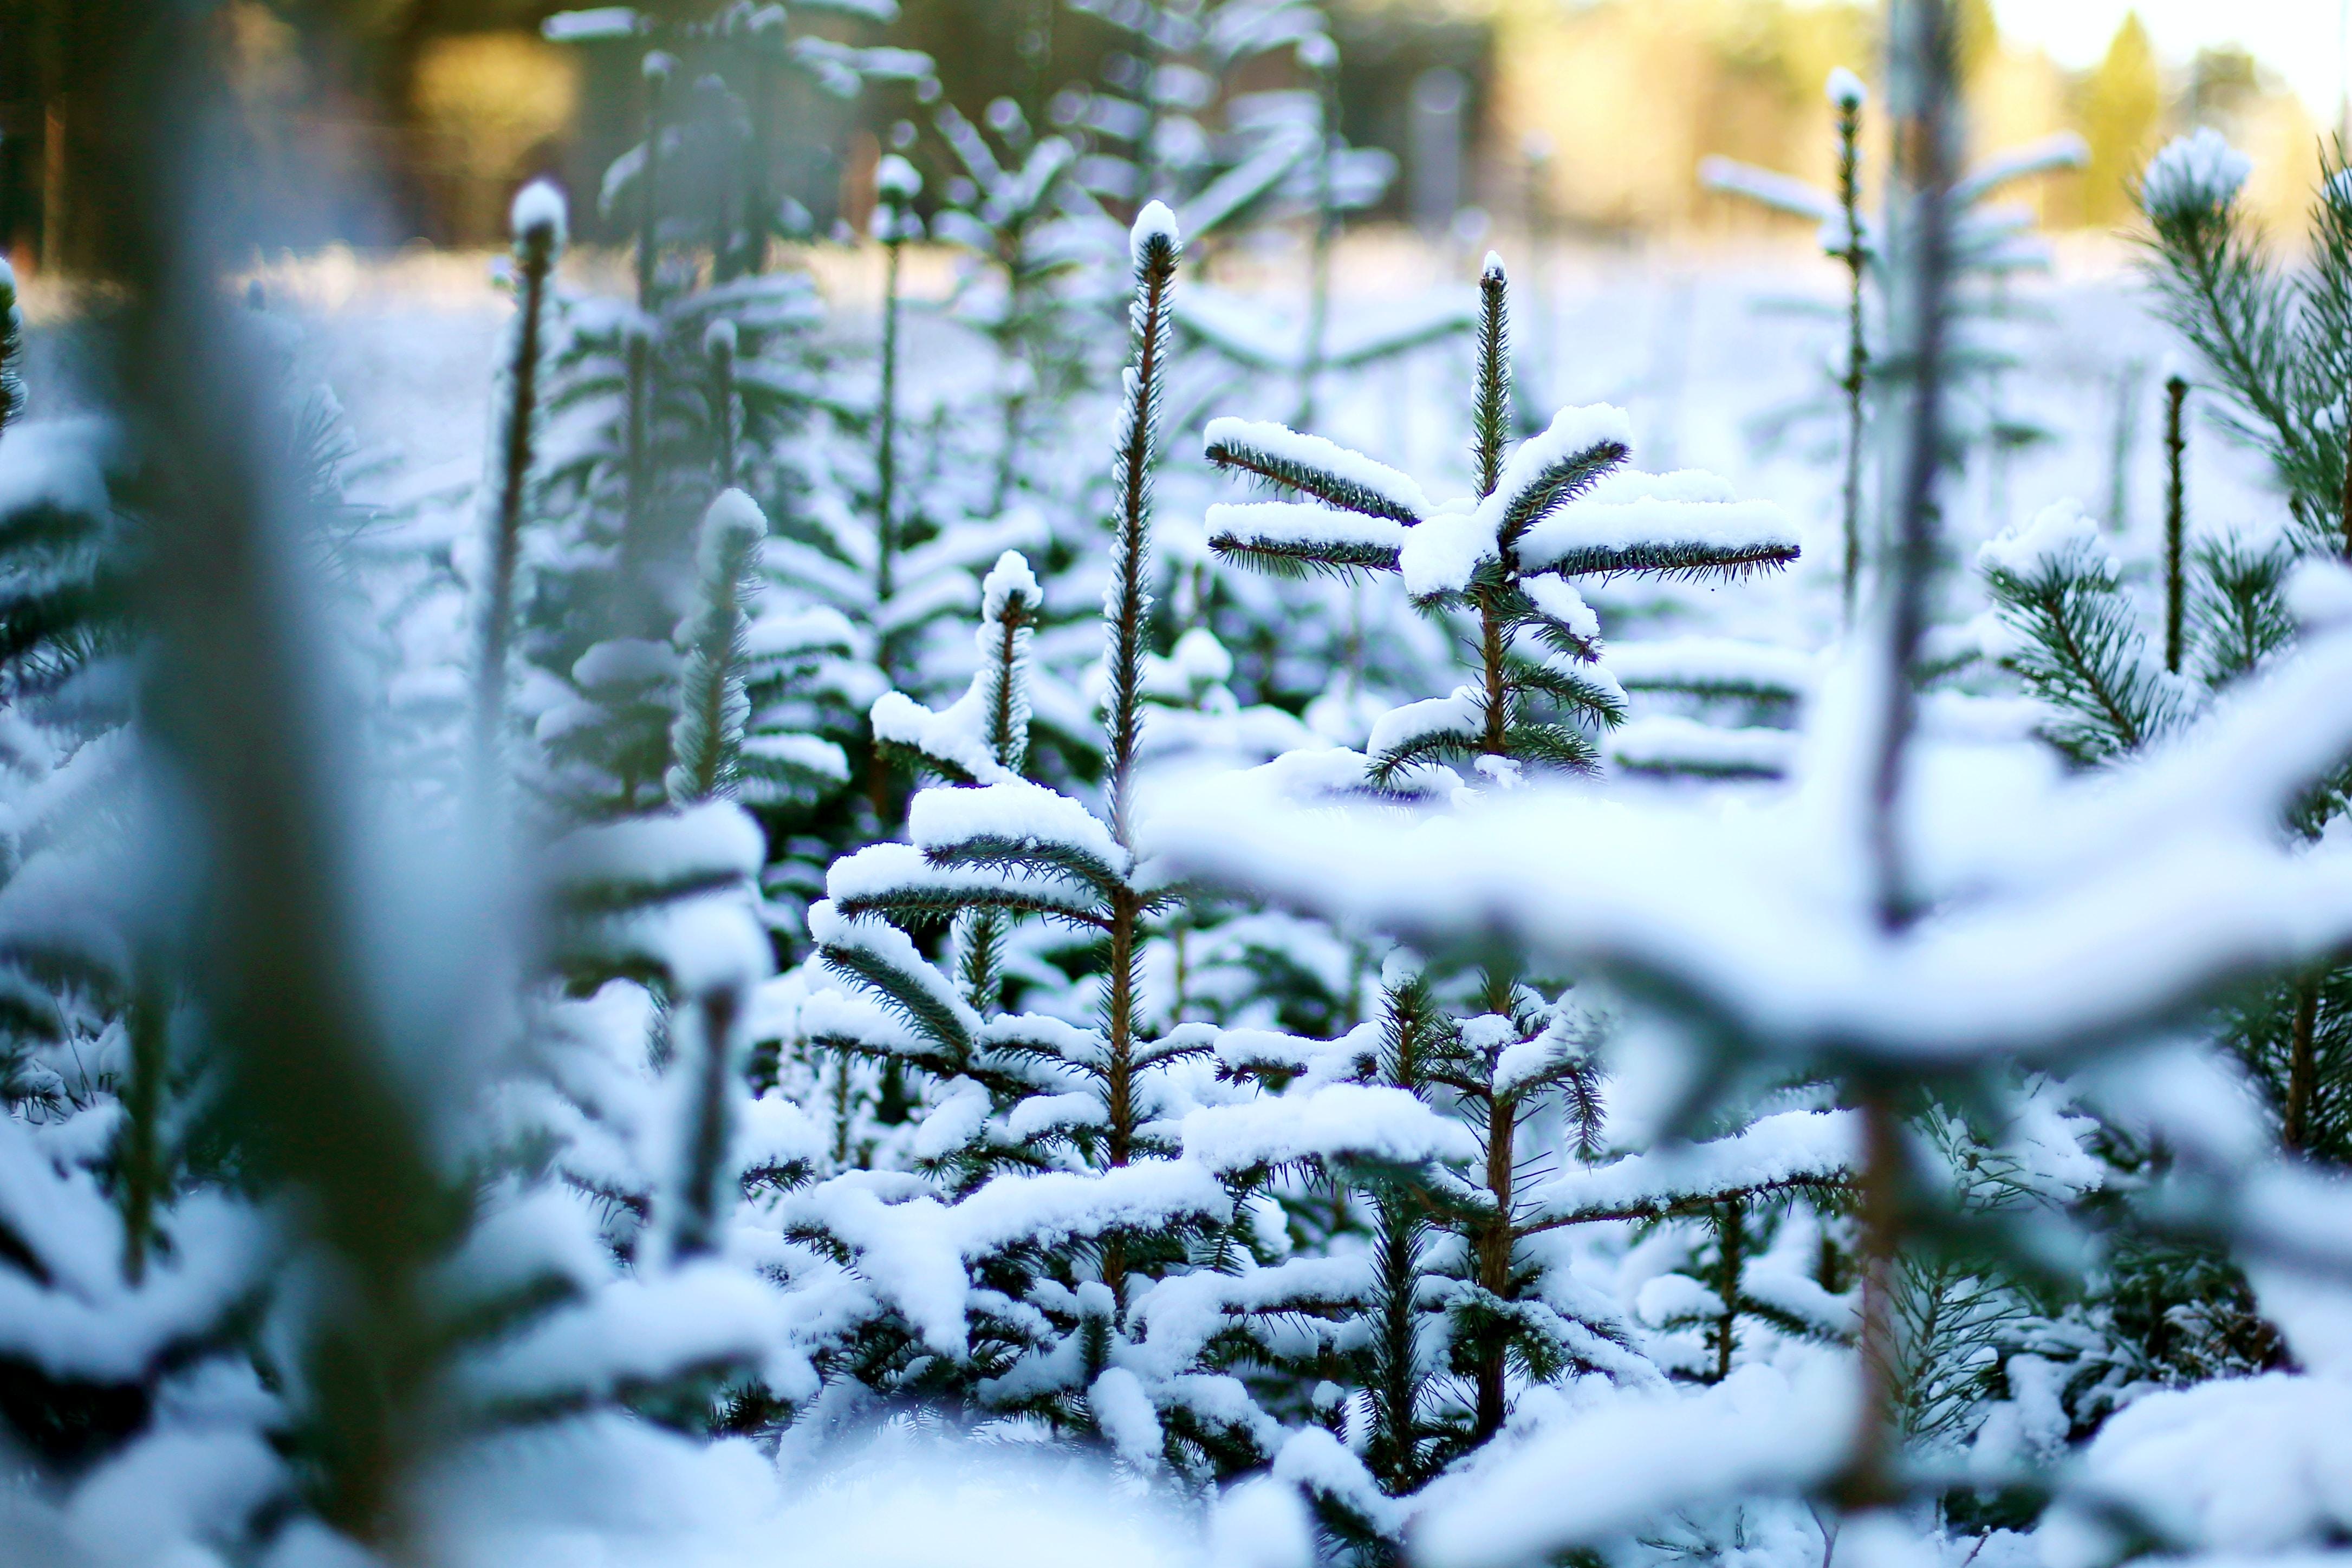 snowed pine trees